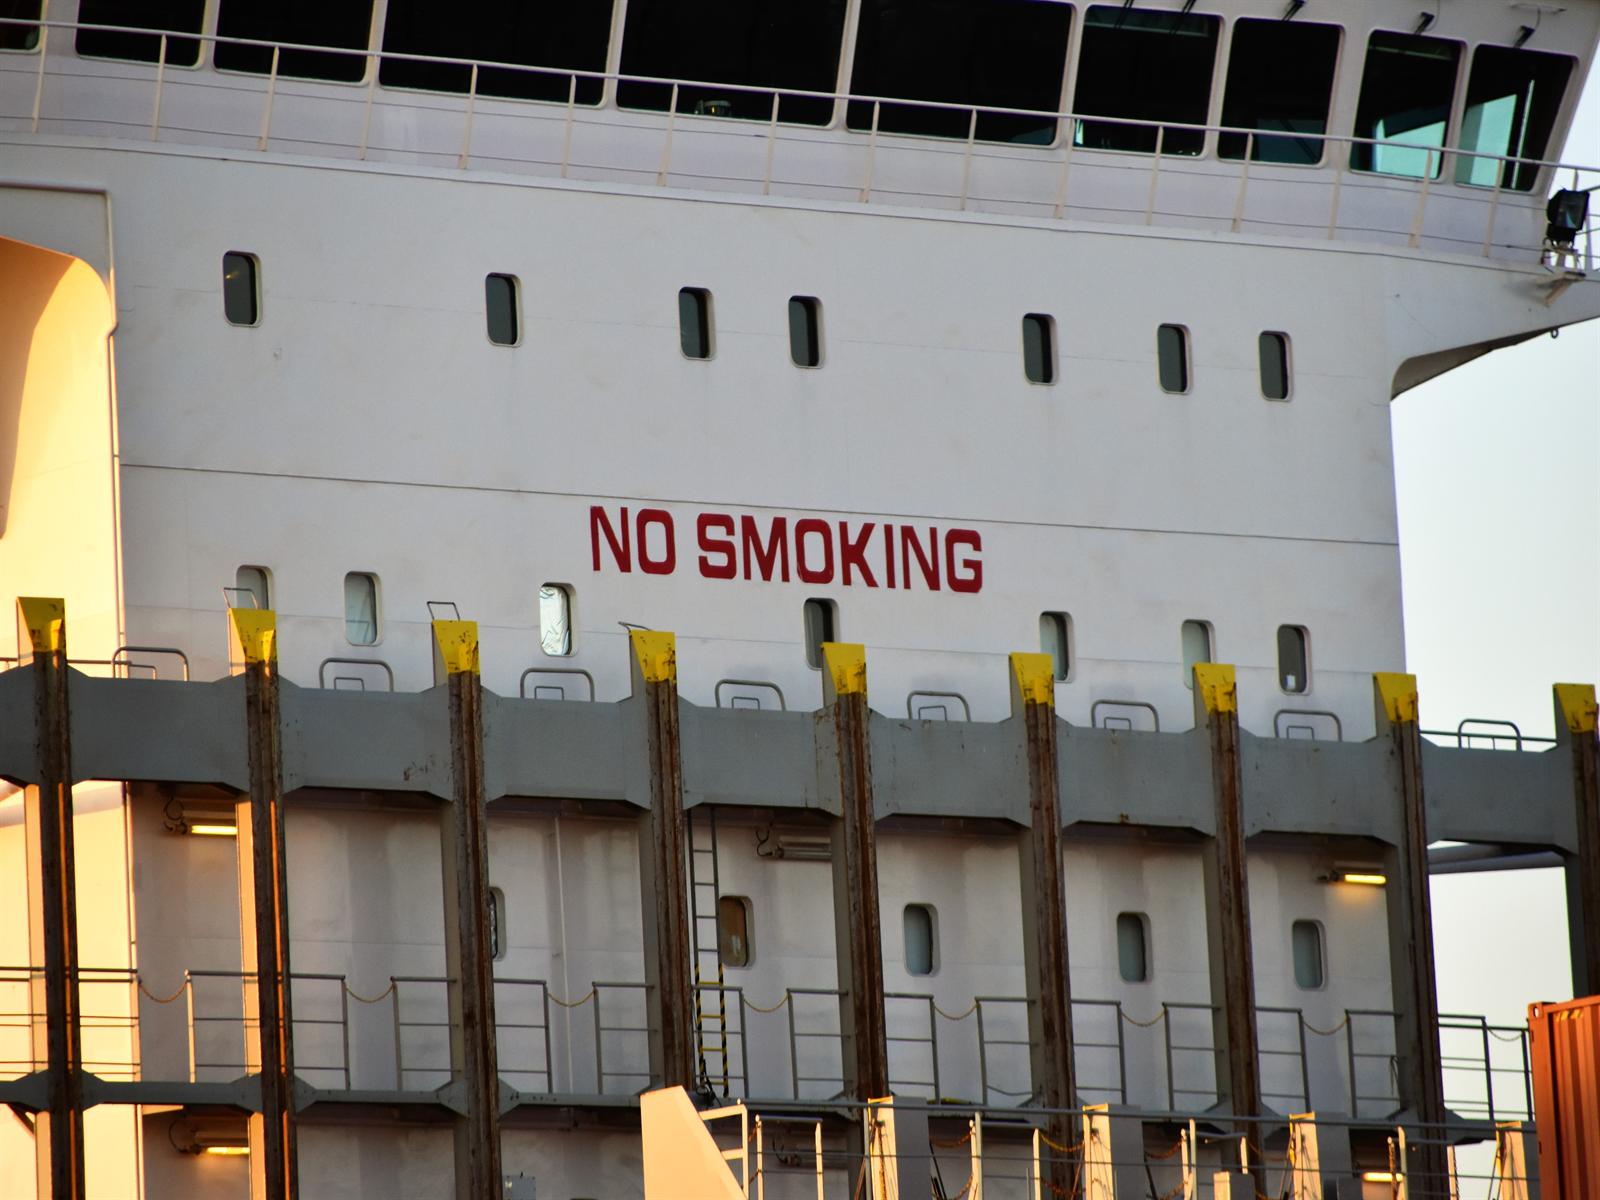 【禁煙】気付いたら、今日で禁煙一周年。